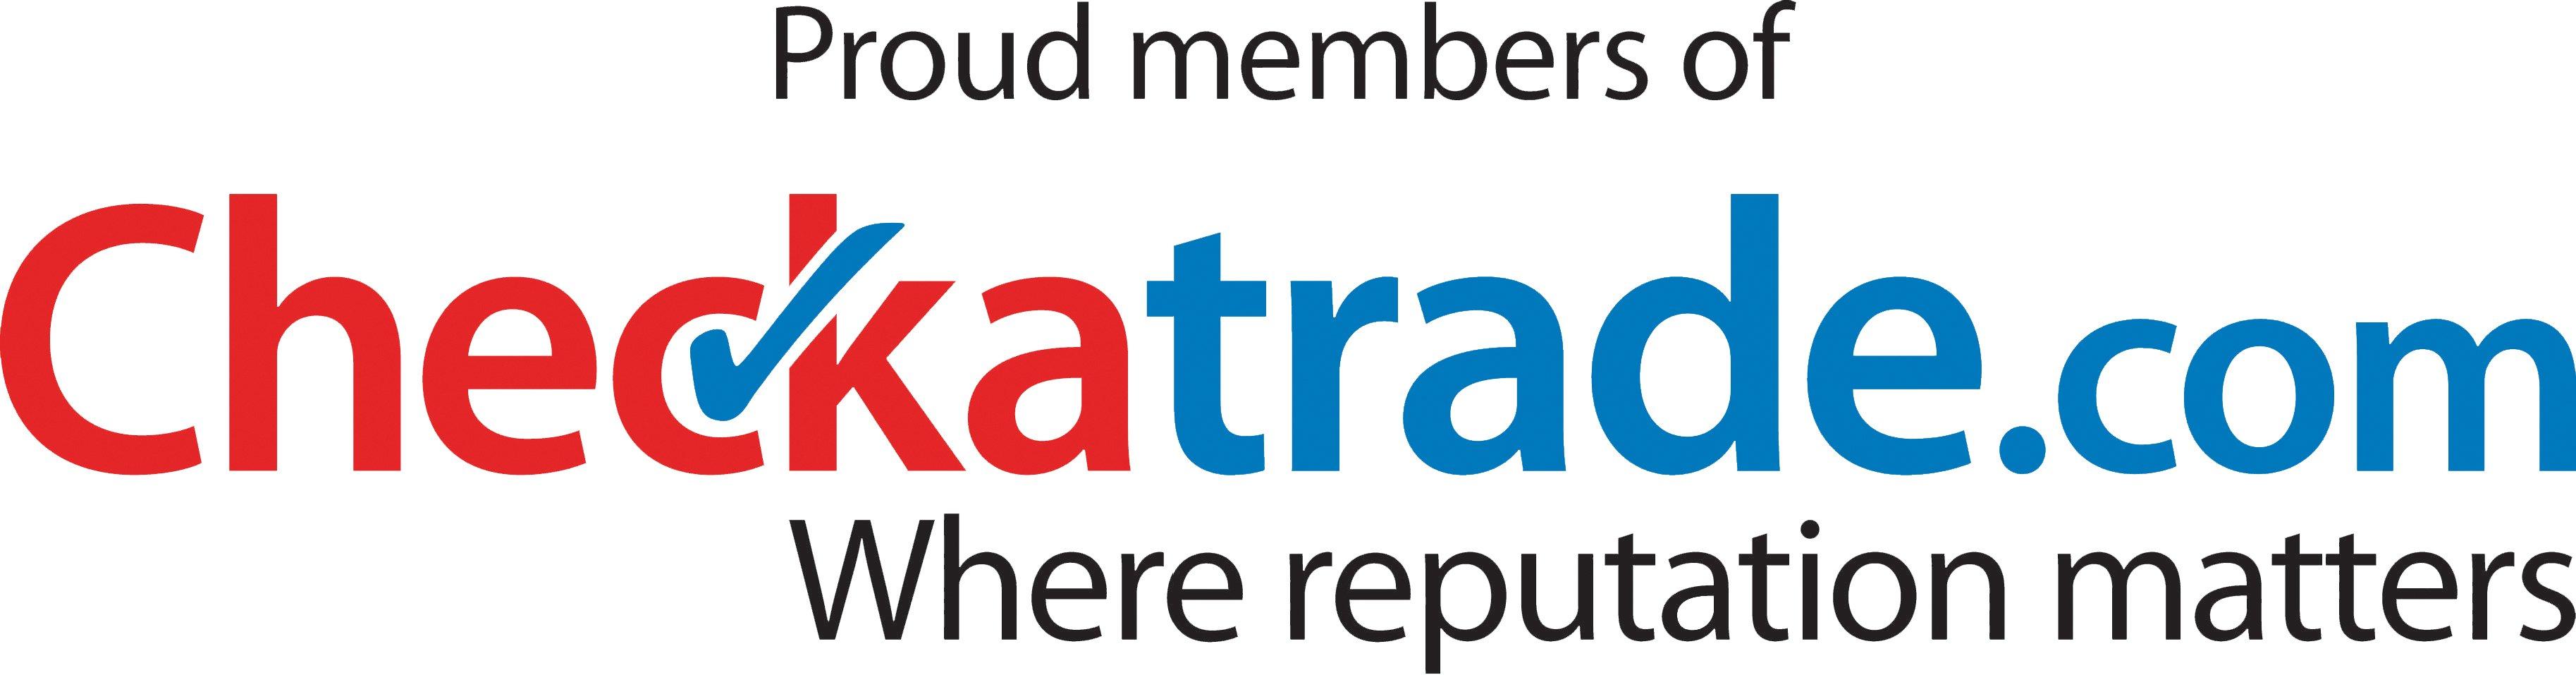 Check Trade.com logo